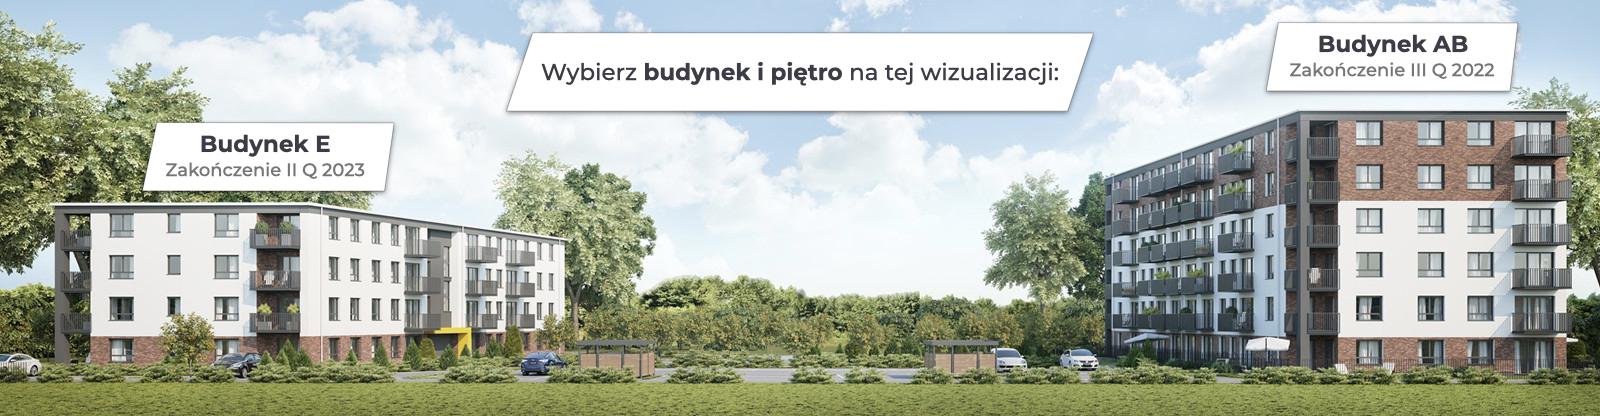 VASTBOUW-Spiska-nowe-mieszkania-Gumieńce-grafika